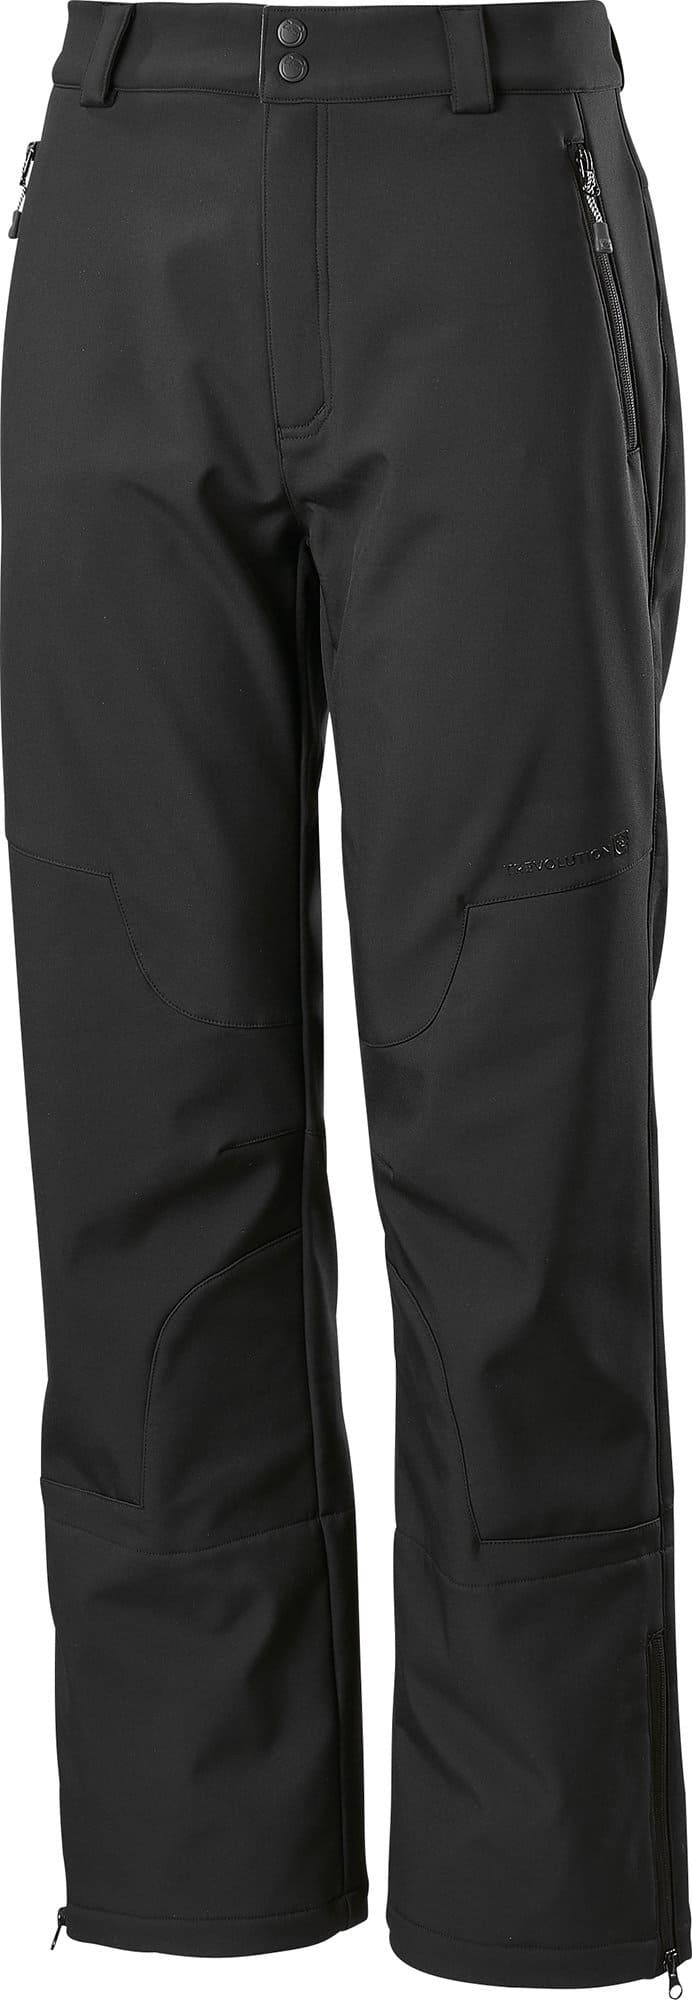 Trevolution Pantalone softshell misura corta da uomo Taglia corta